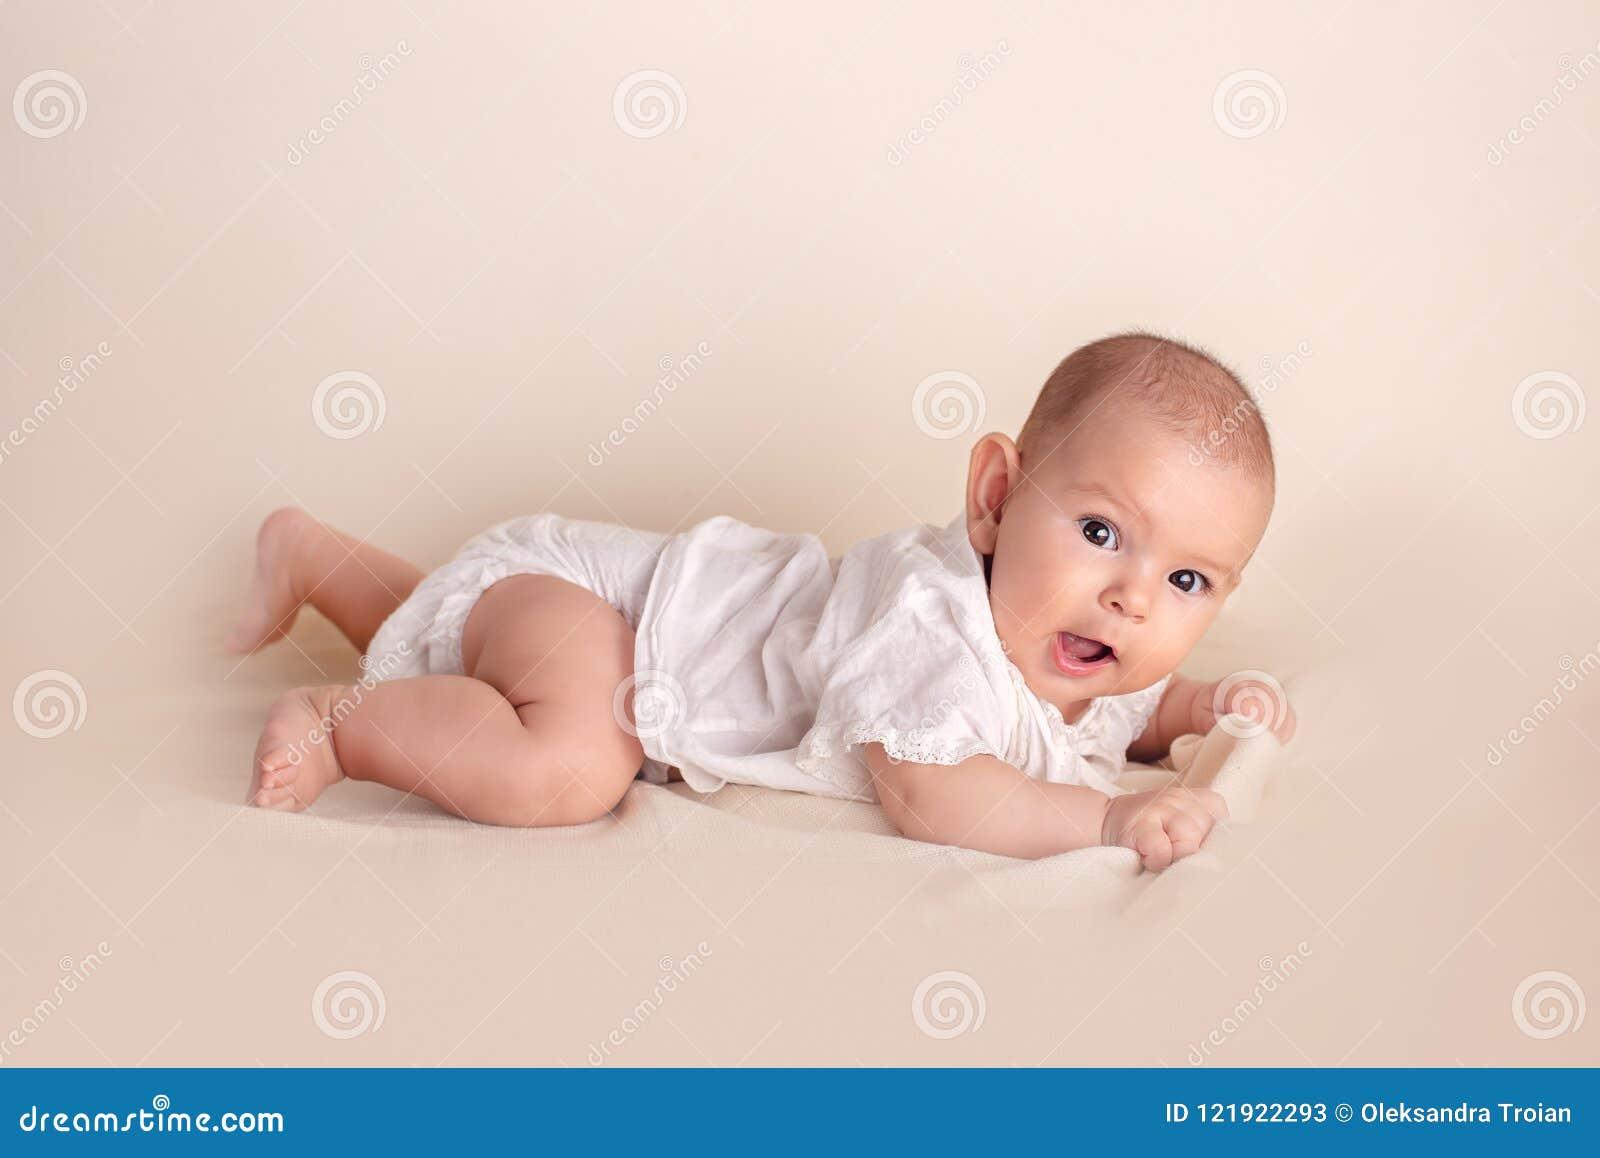 Śliczny śmieszny dziecko kłama na białej koc z dużymi pięknymi oczami